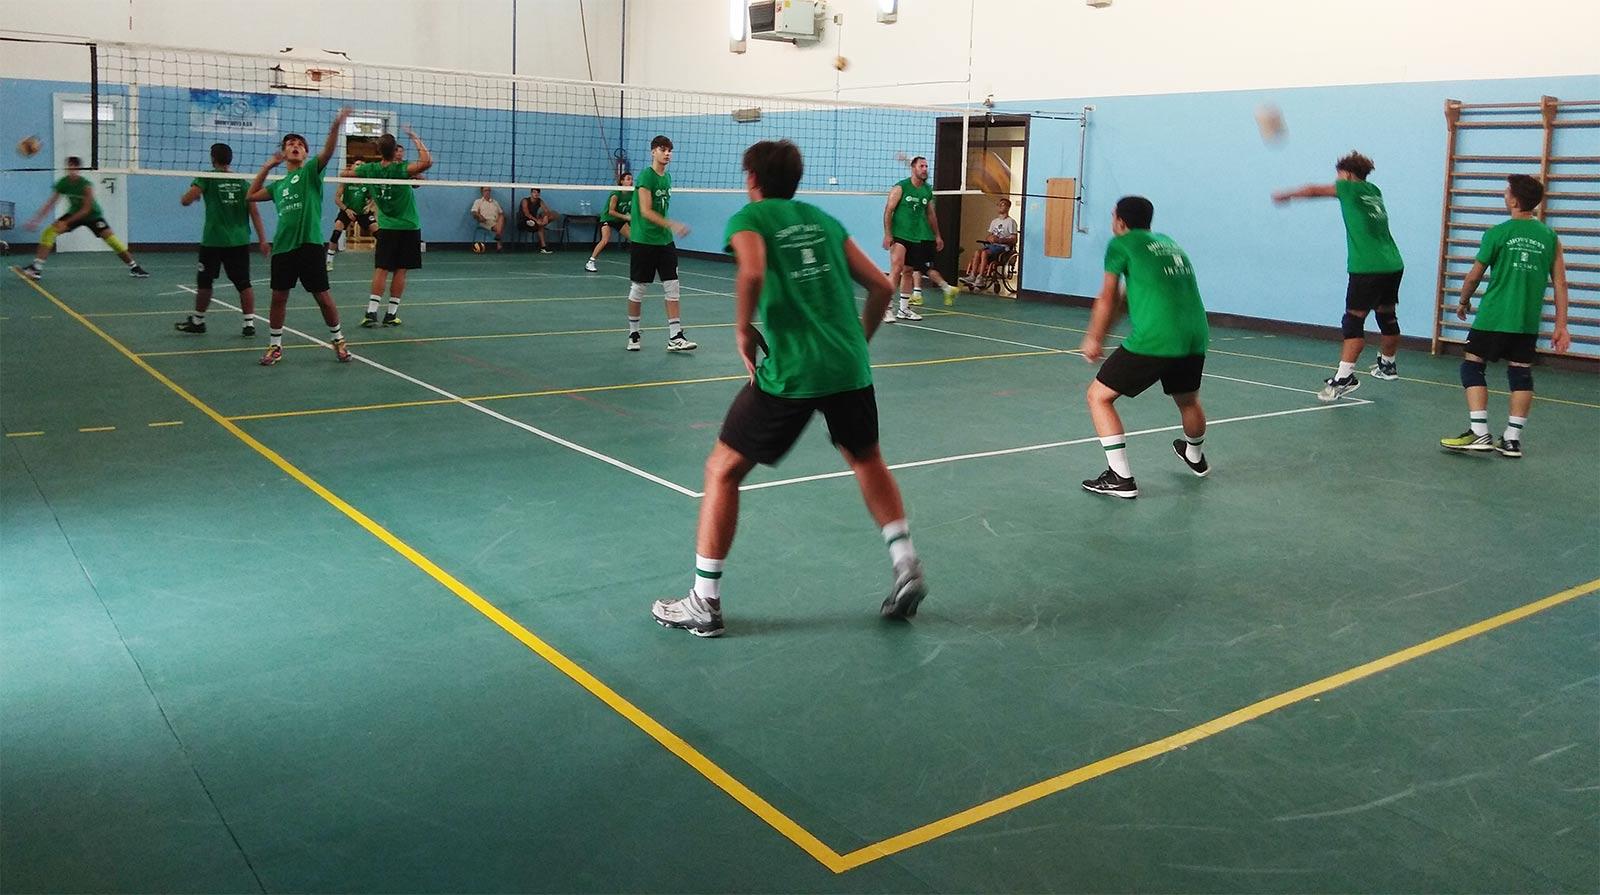 L'organico del campionato nazionale di I Livello Serie C